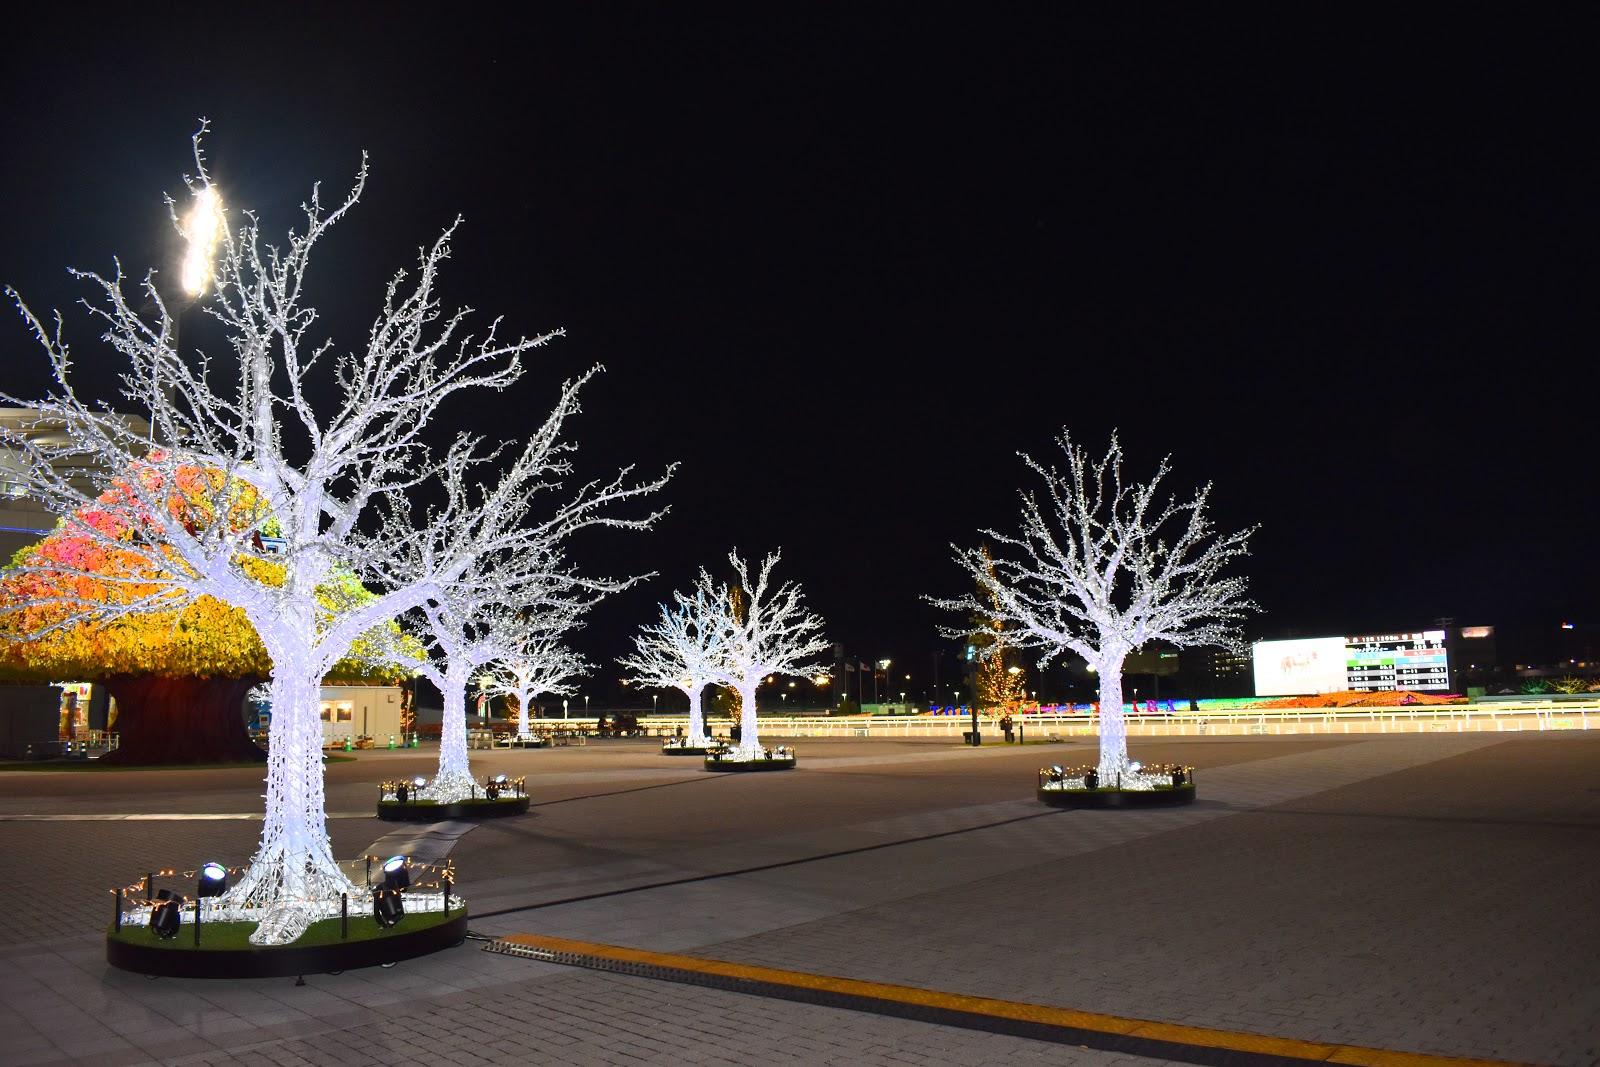 競馬場 トゥインクルレース  大井競馬 クリスマス